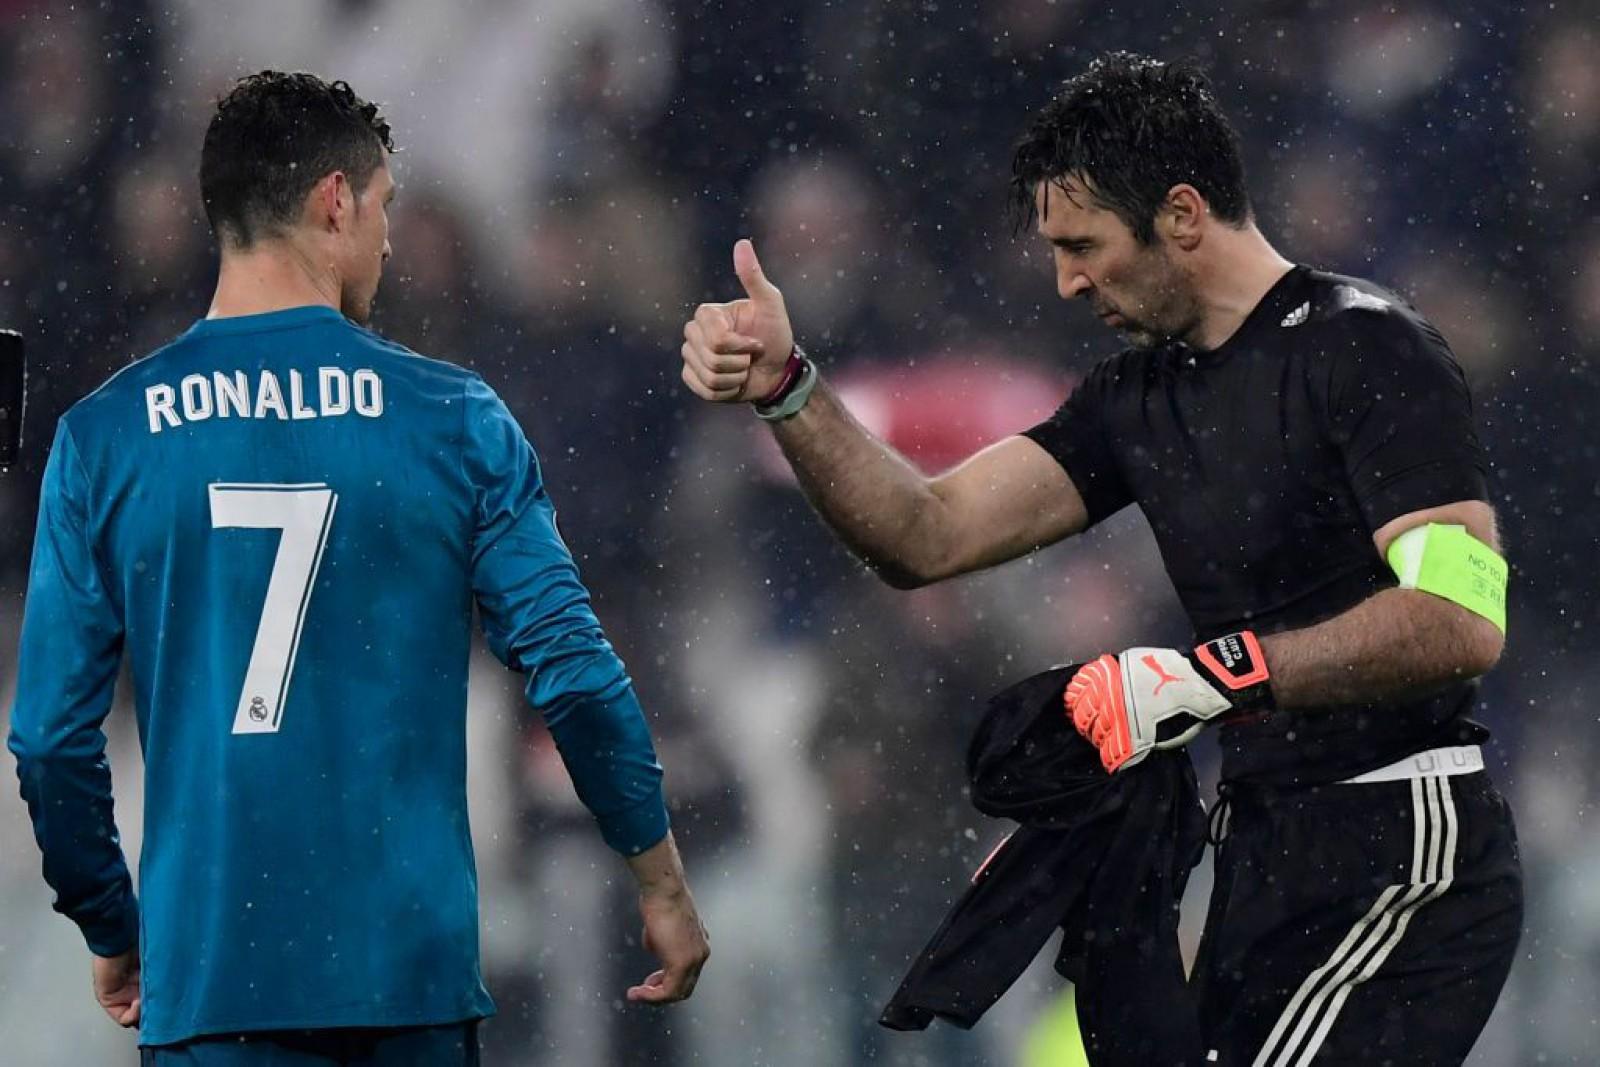 PSG ar putea da lovitura pe piața transferurilor! Campioana Franței negociază cu Gianluigi Buffon și Cristiano Ronaldo